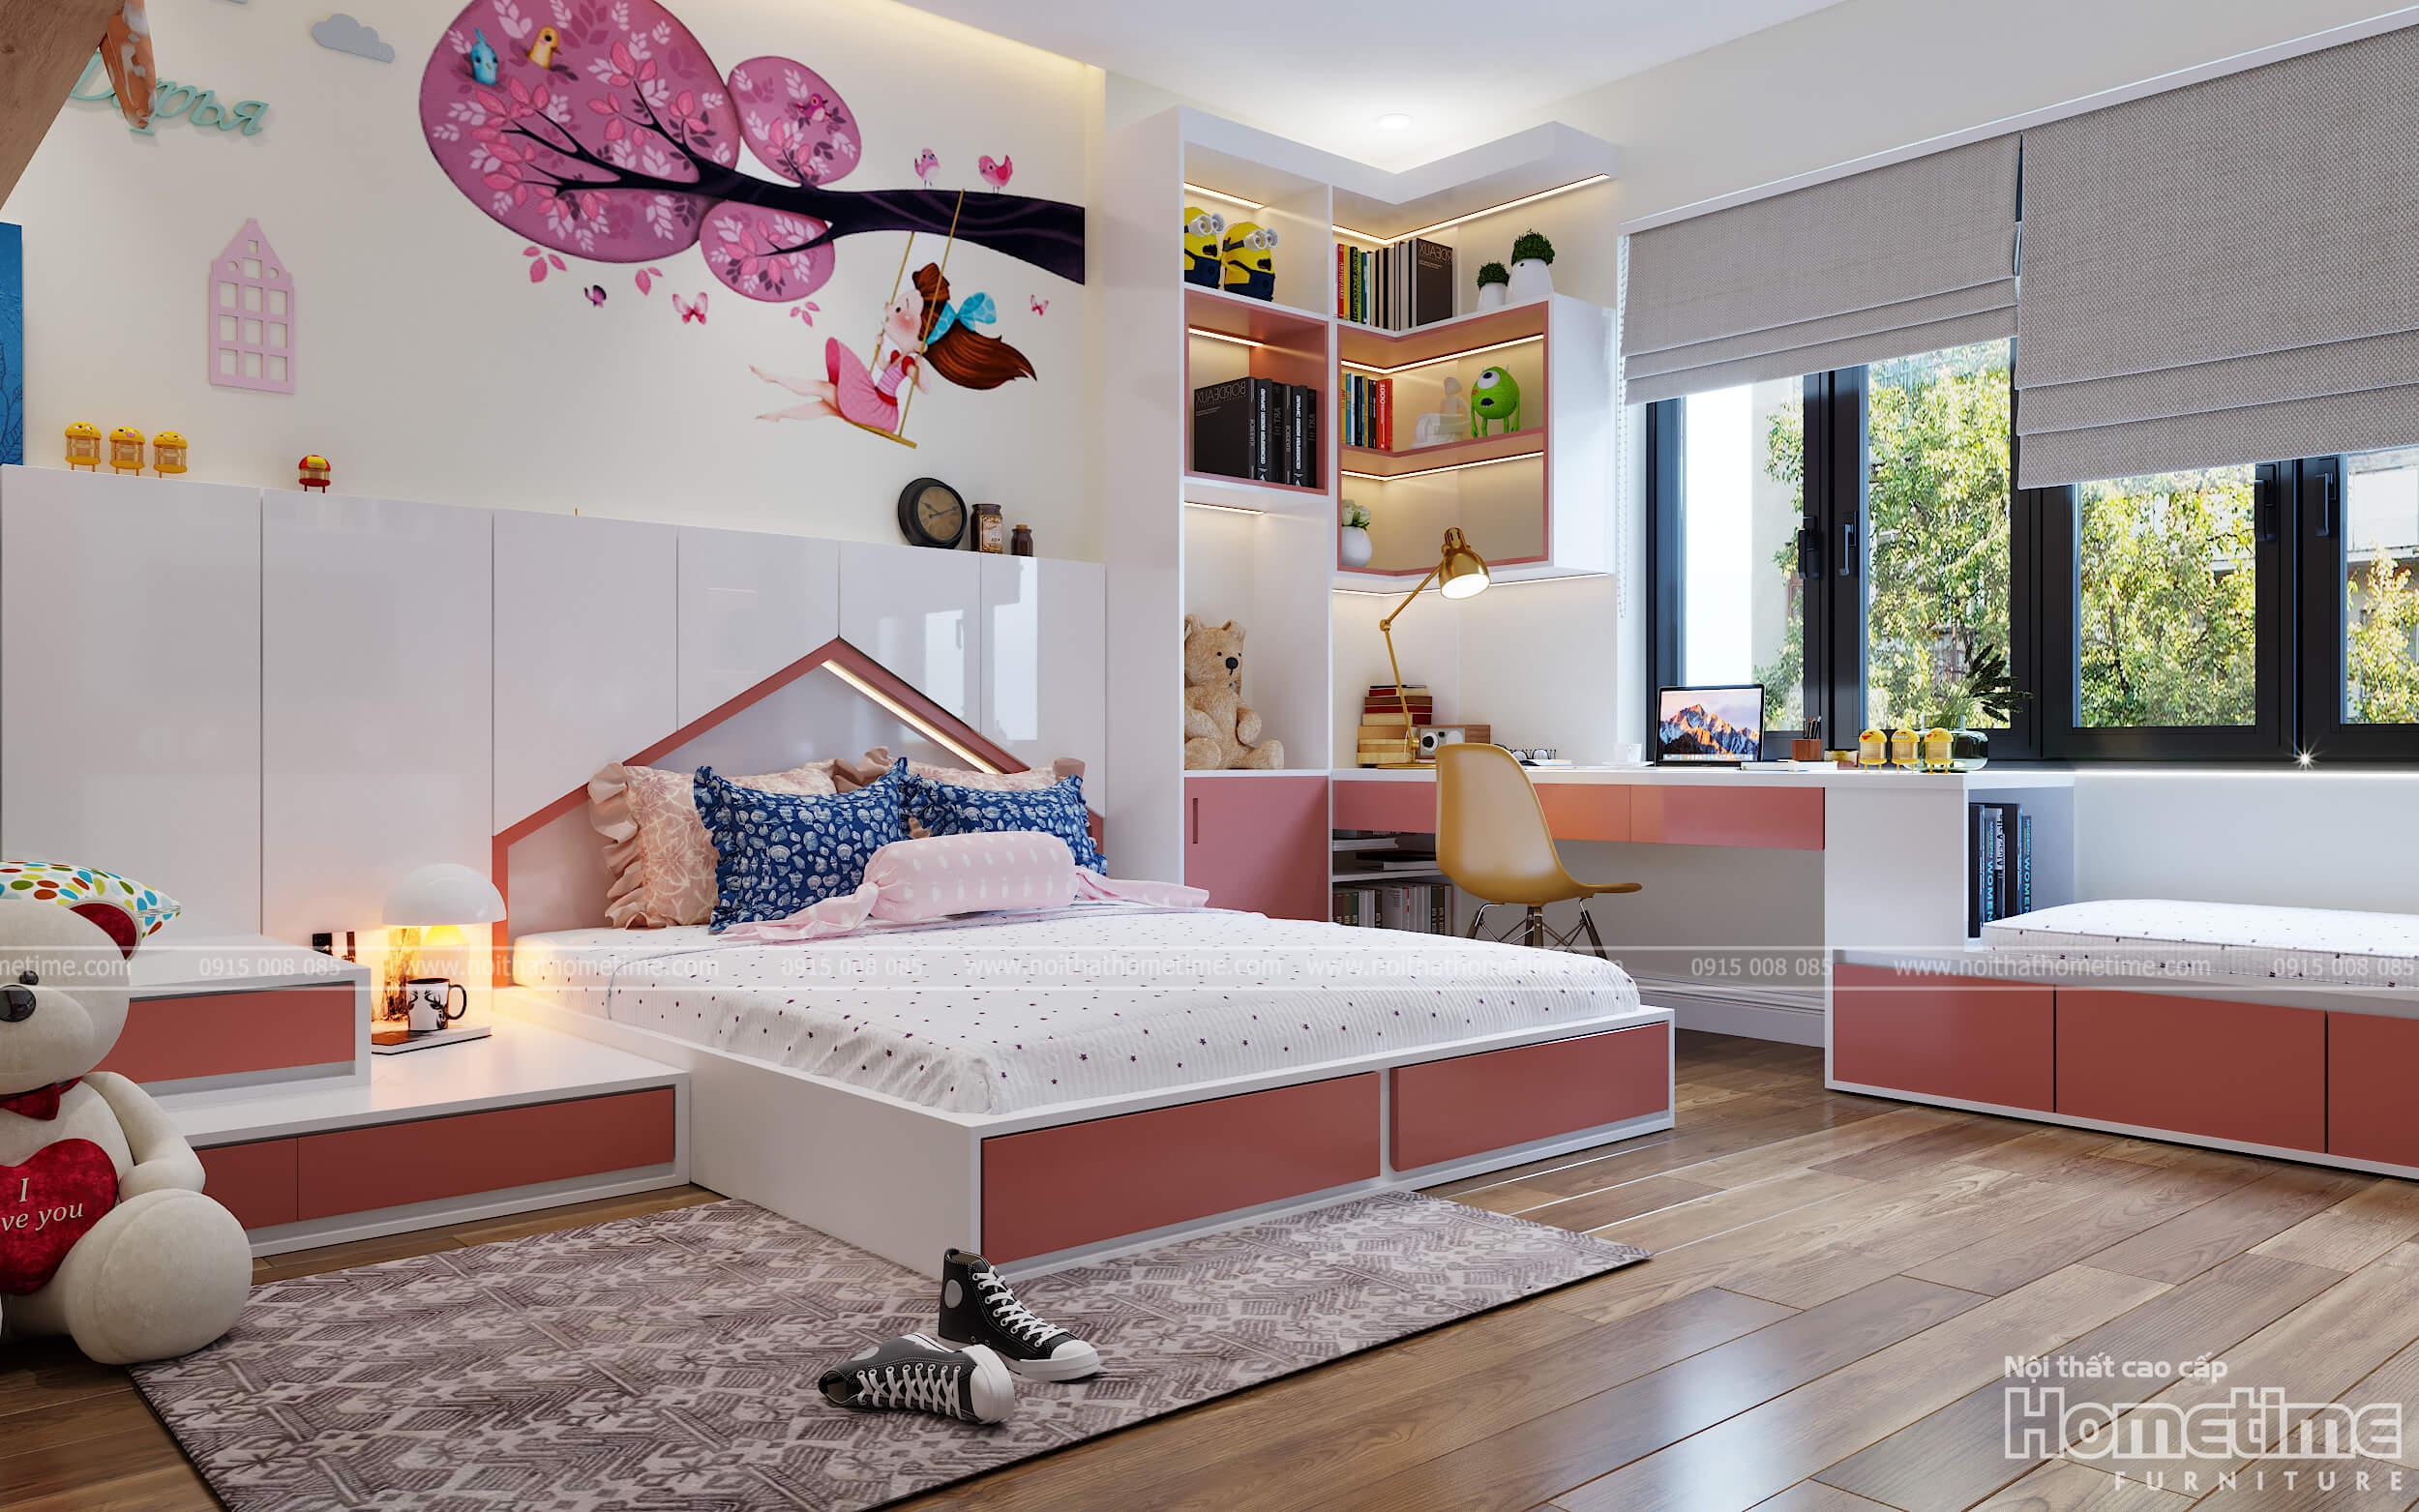 Phòng ngủ với những decor trang trí dễ thương cho bé gái